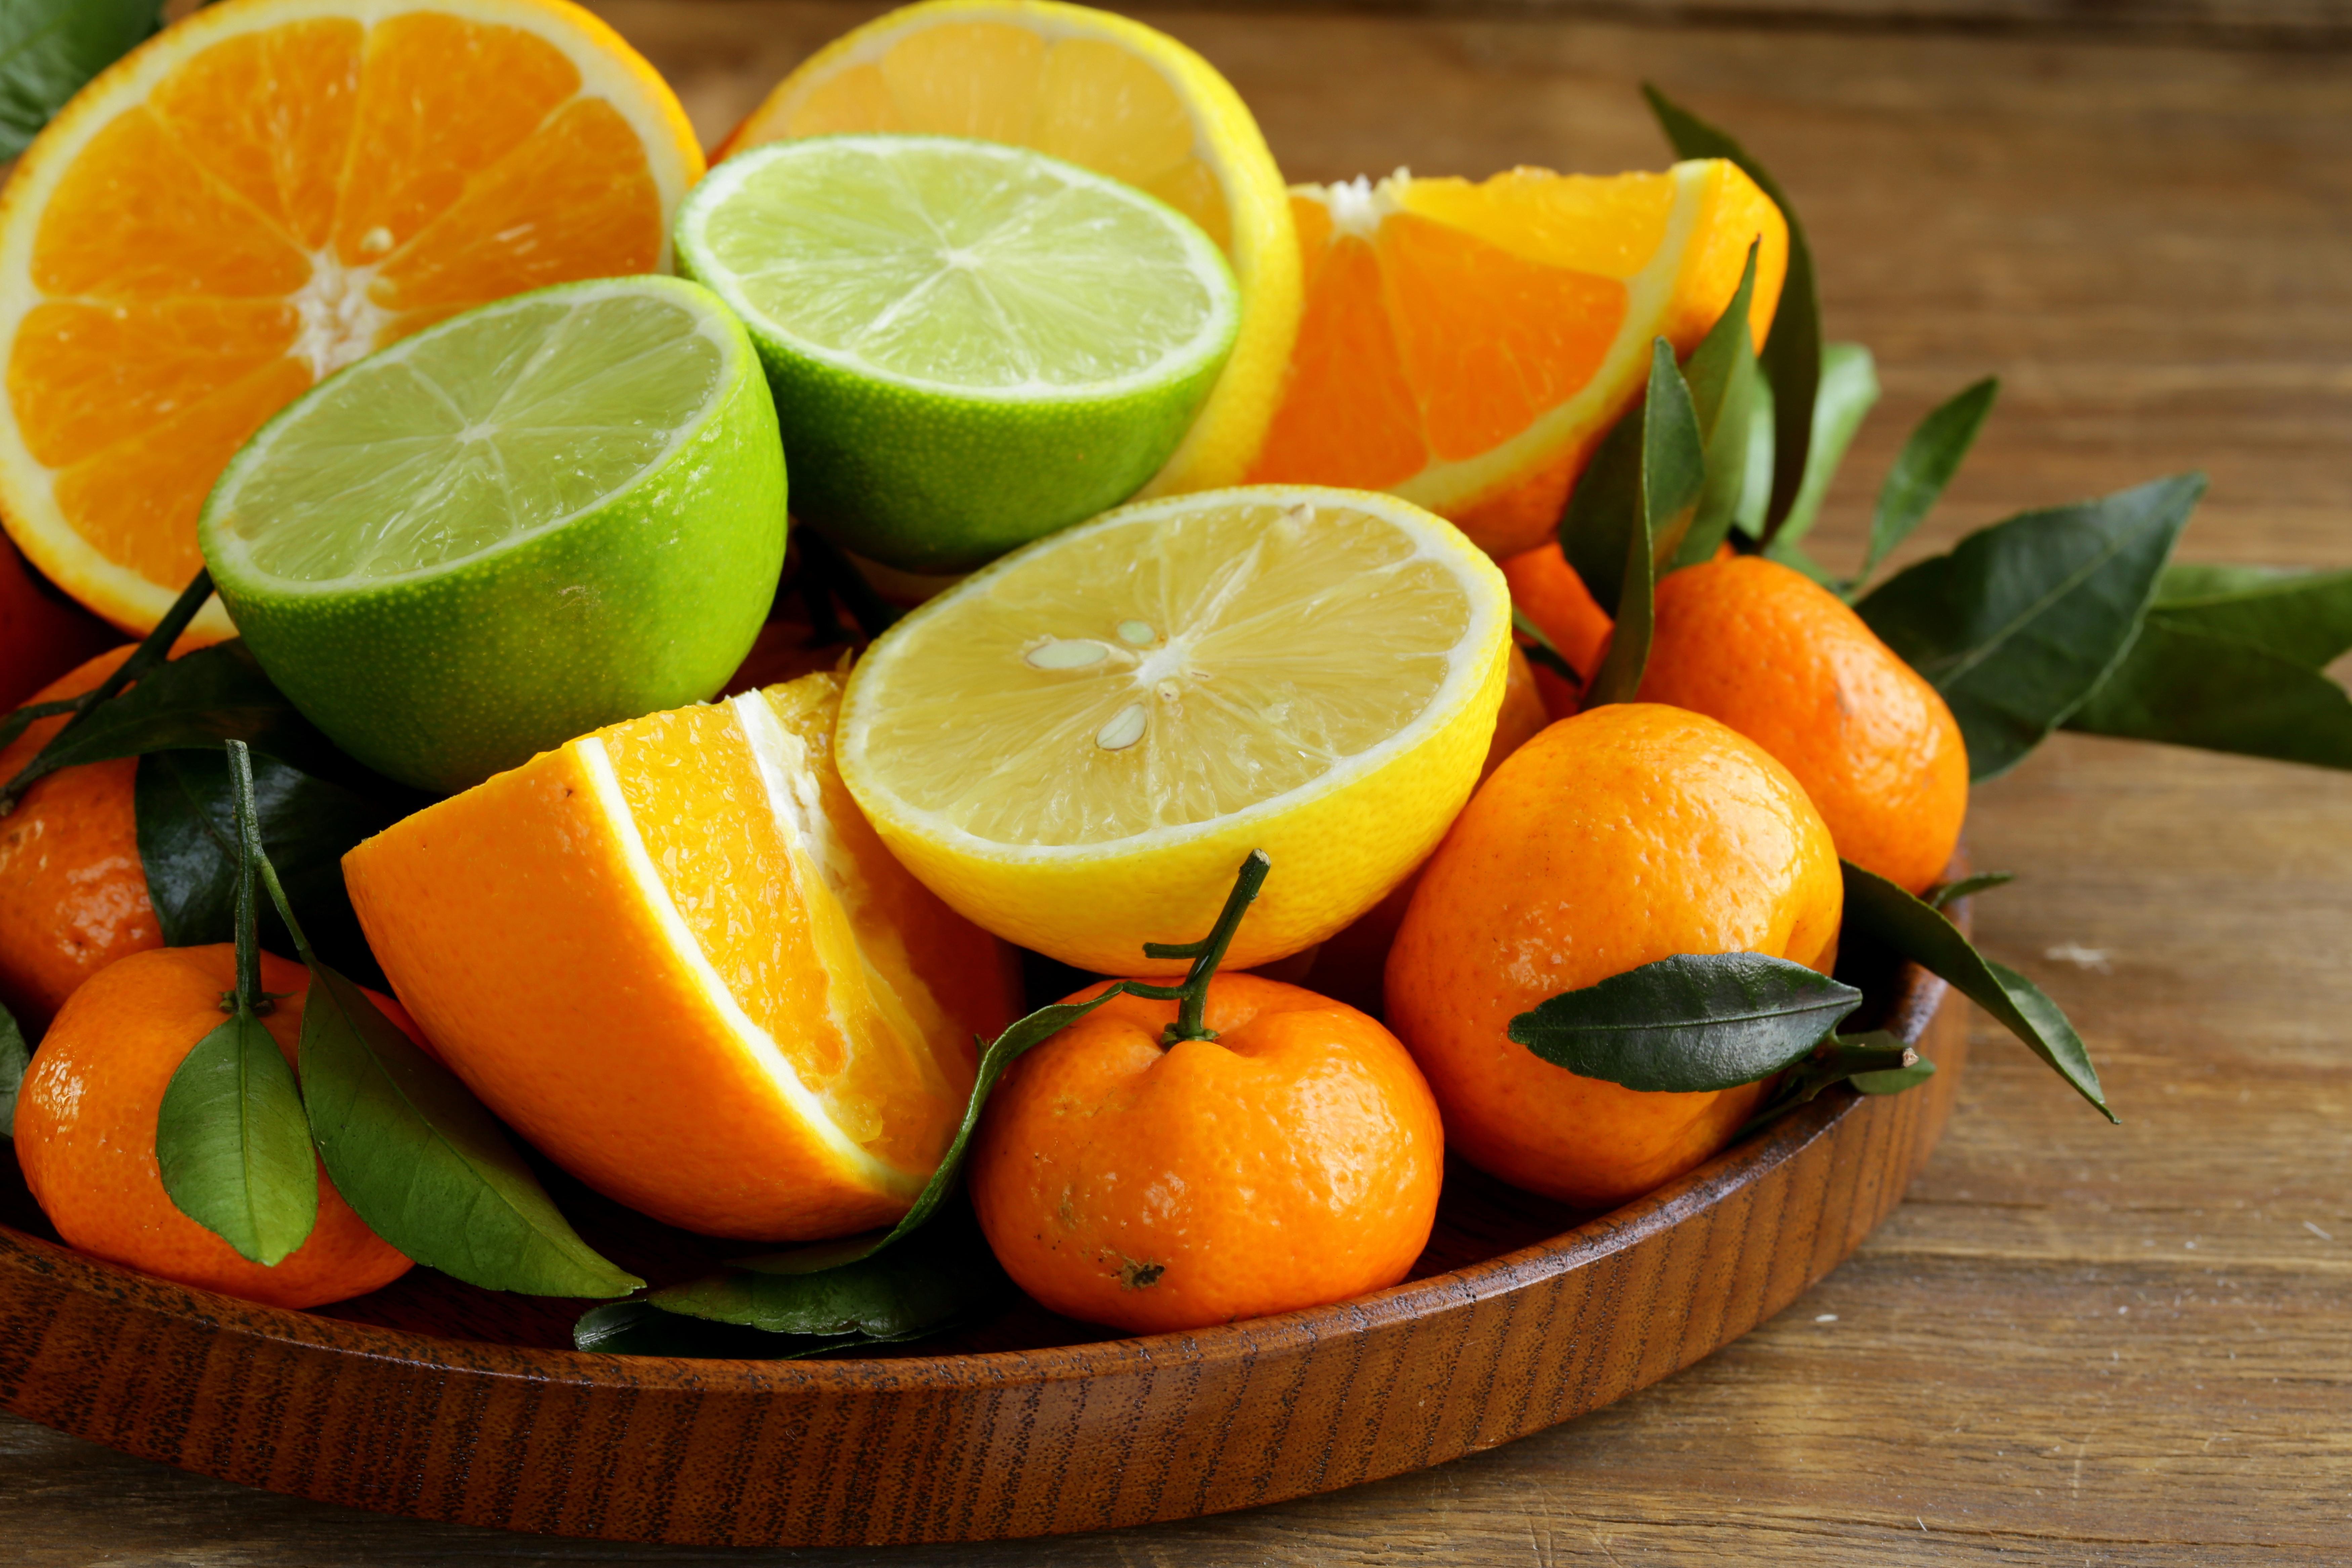 Orange Fruit Lime Lemon Mandarin 7000x4667